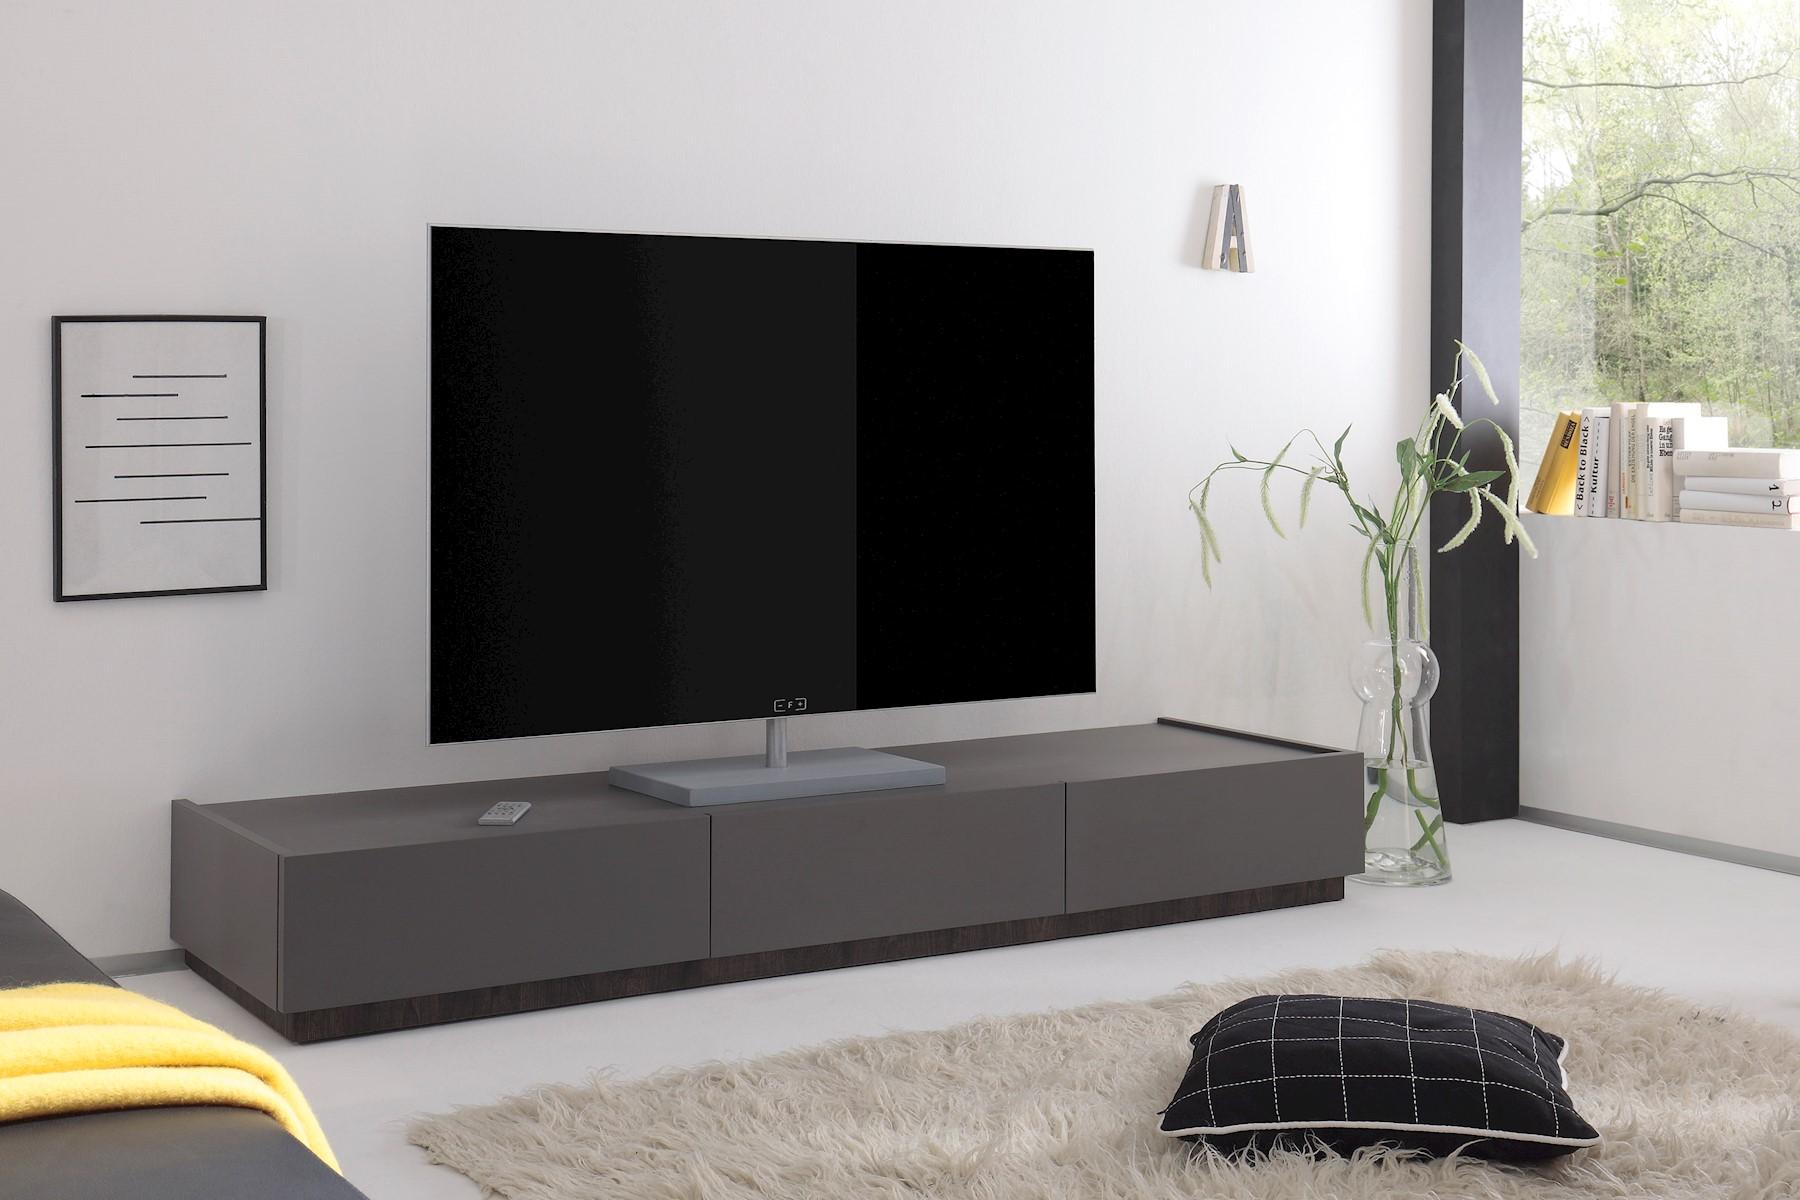 TV-Lowboard Bloom in Anthrazit-wenge